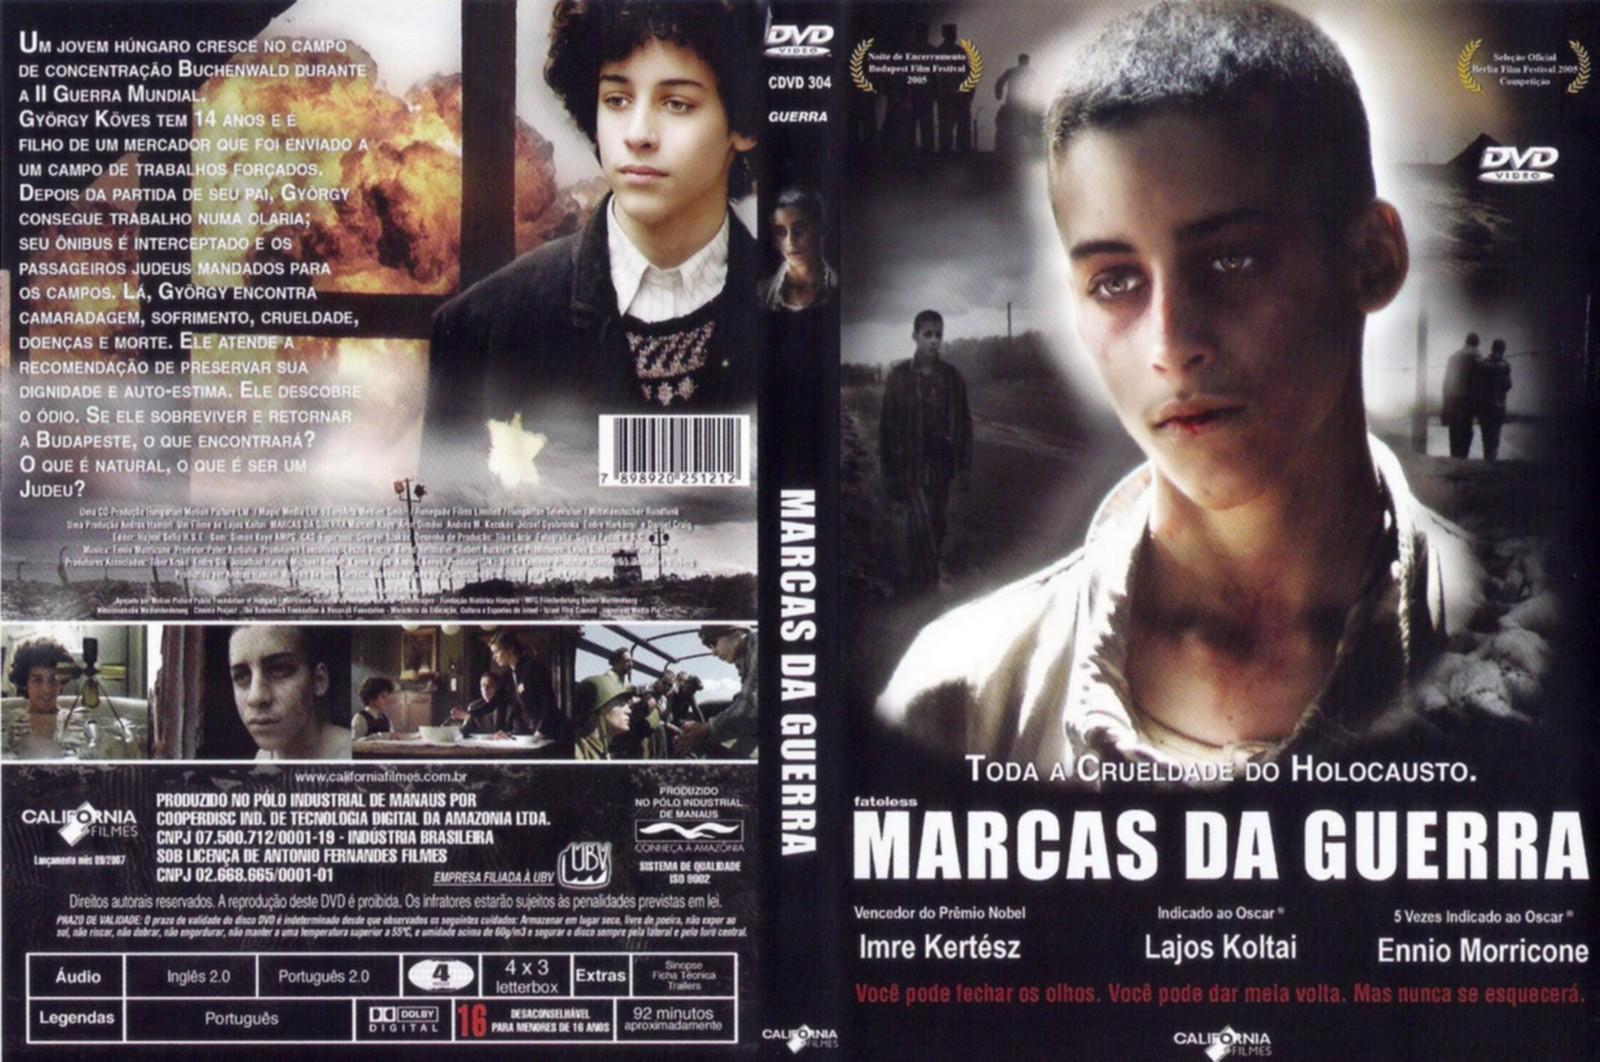 Filme Marcas Da Guerra throughout marcas da guerra - capas covers - capas de filmes grátis